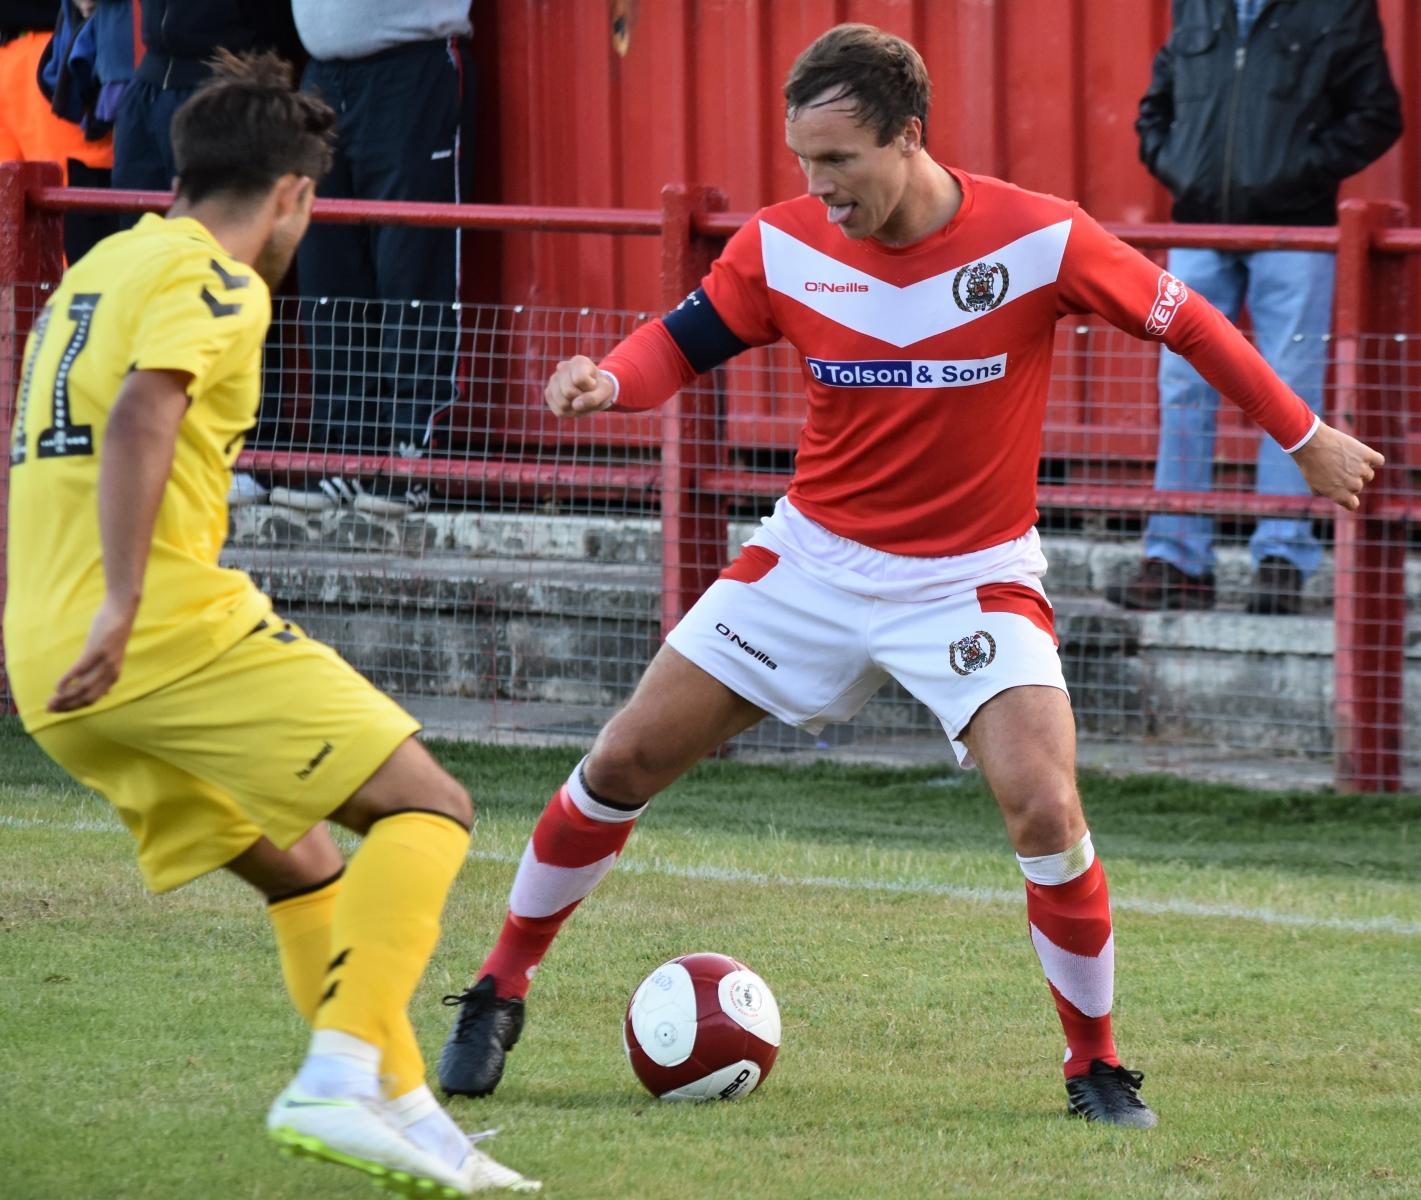 Gari-Rowntree-Ben-Challis-vs-Fleetwood